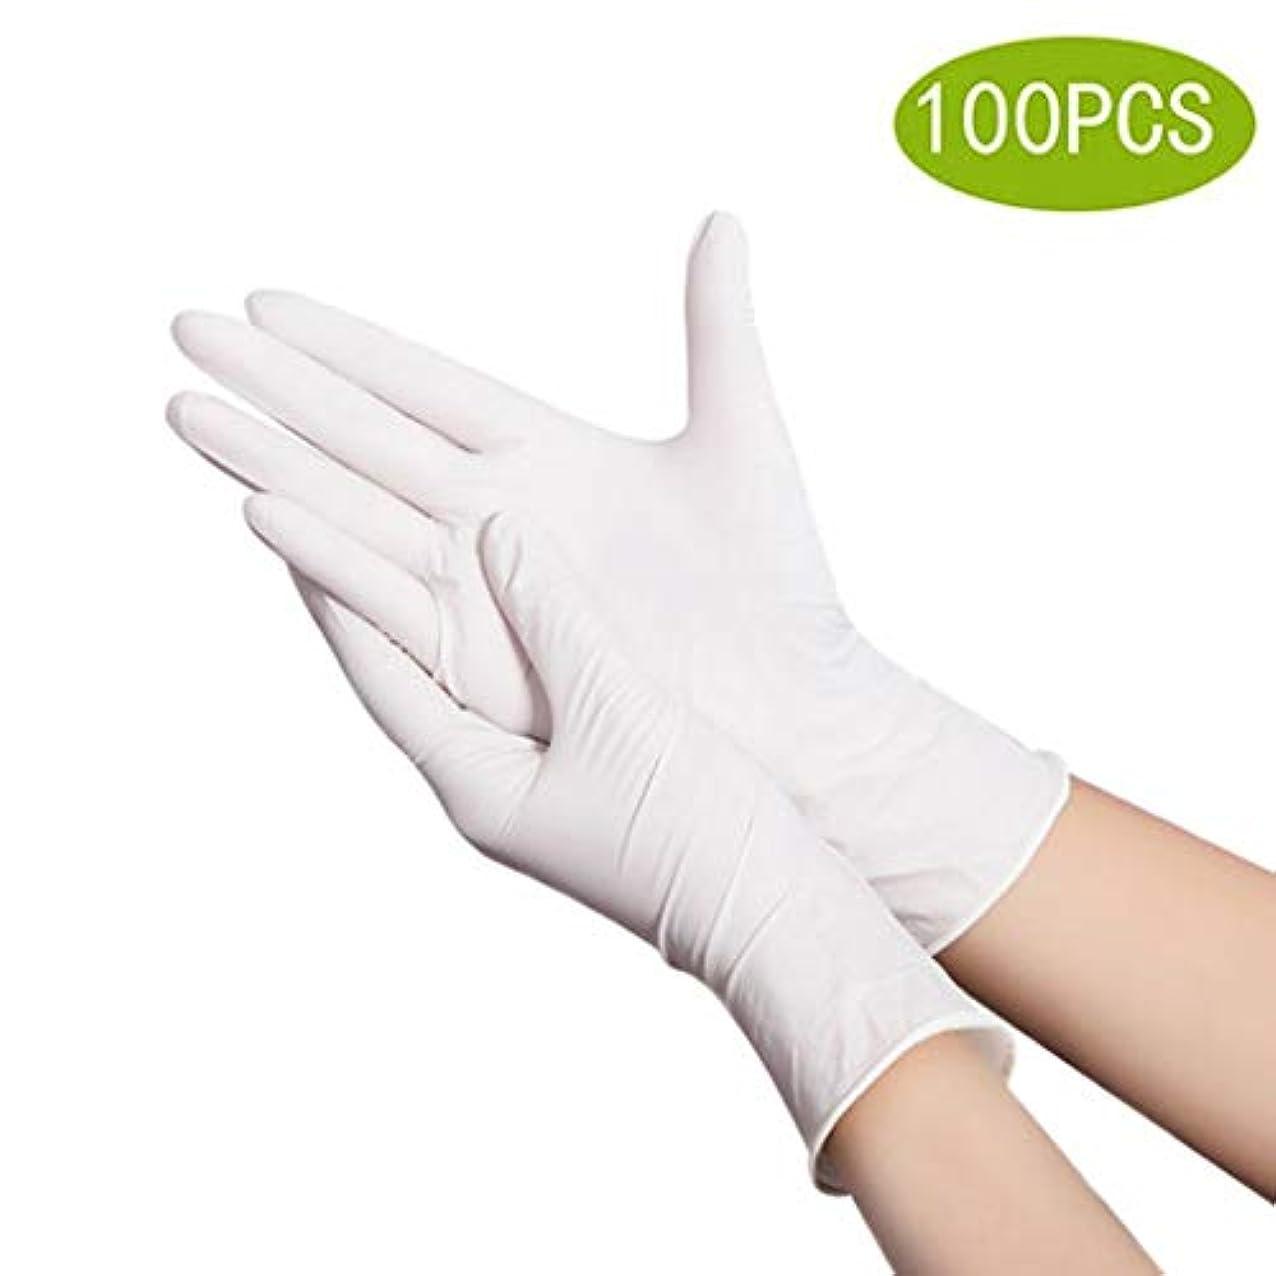 ファンタジー非難ドームニトリル手袋4ミル厚ヘビーデューティー使い捨て手袋 - 工業用および家庭用 - パウダーフリー - ナチュラルホワイト(100カウント) (Size : S)